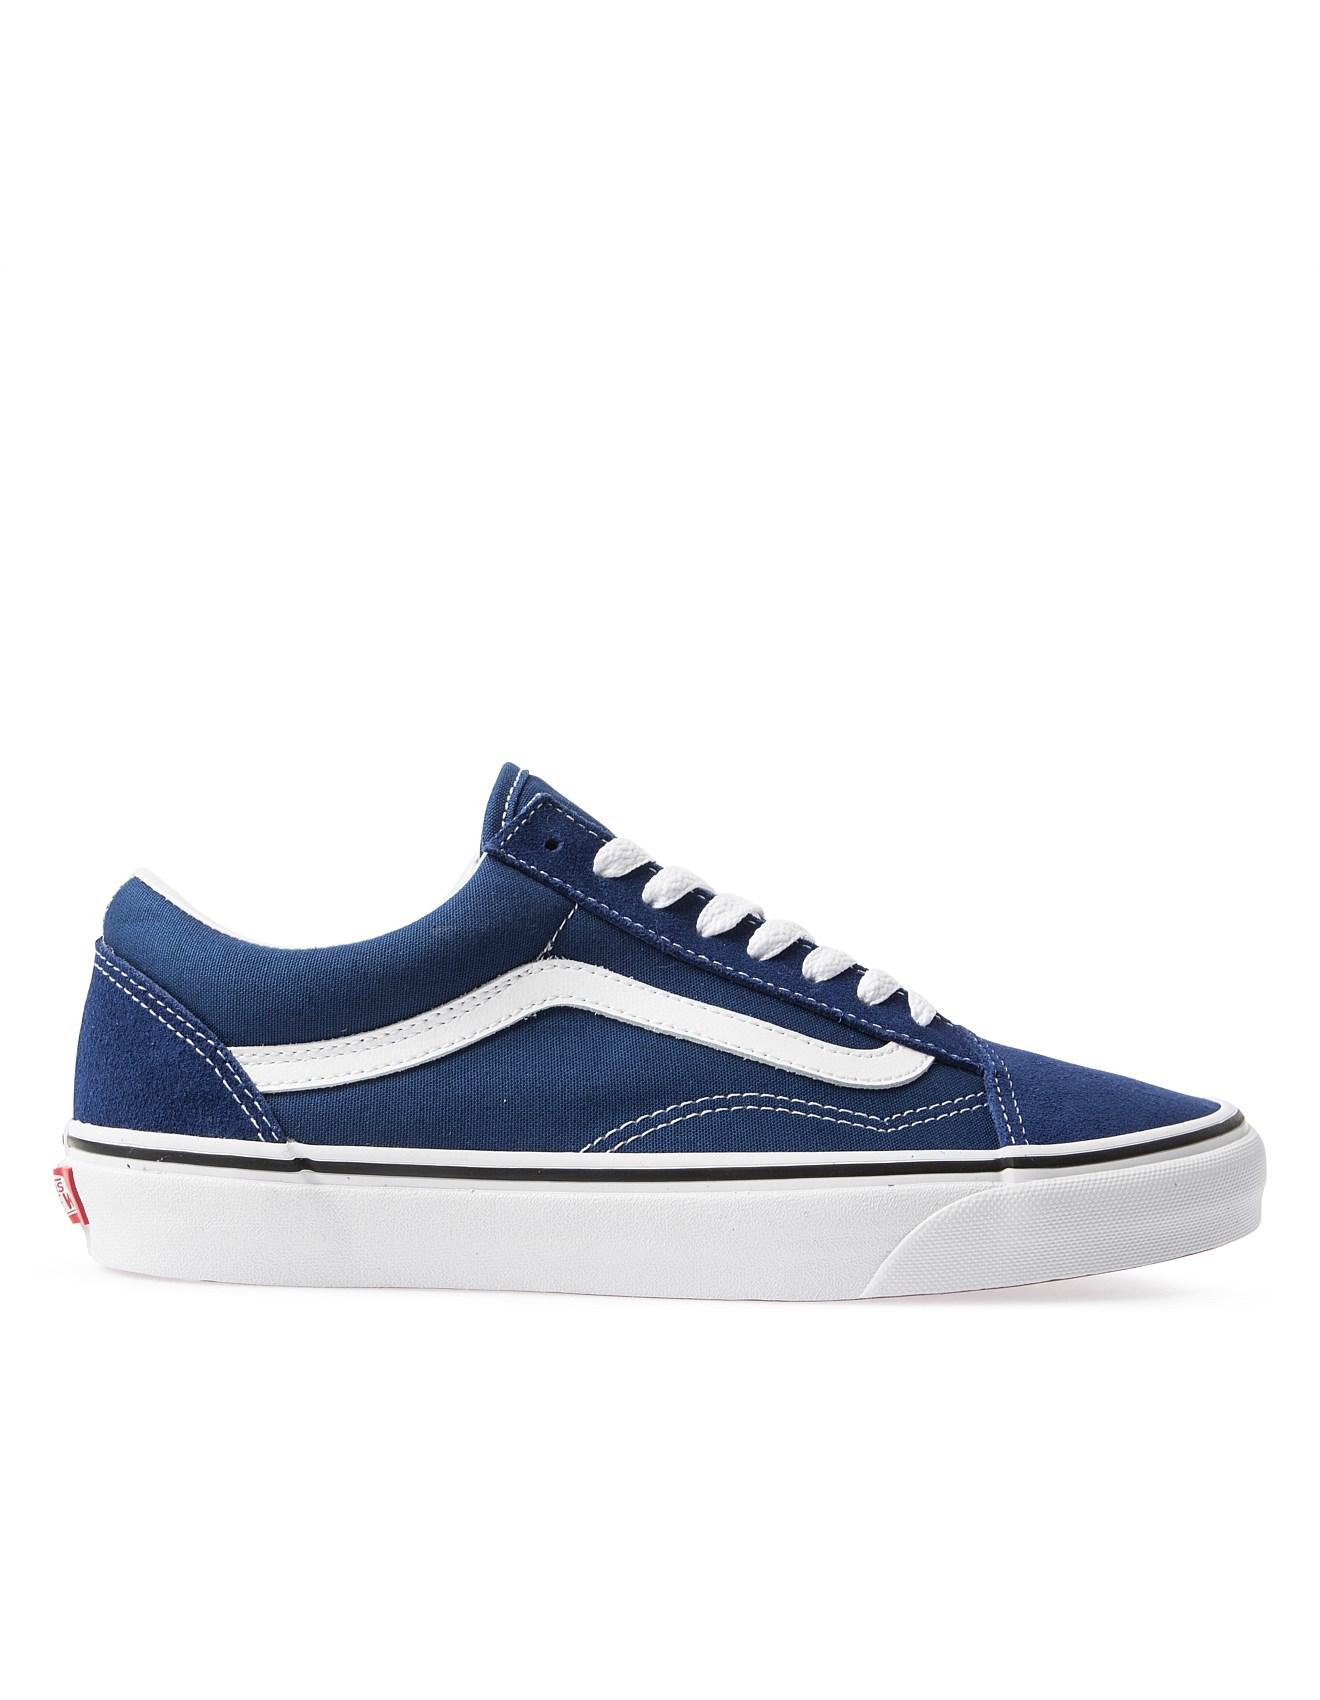 Old Vans Shoes School Buy Jones Online David Australia ffYqw4r